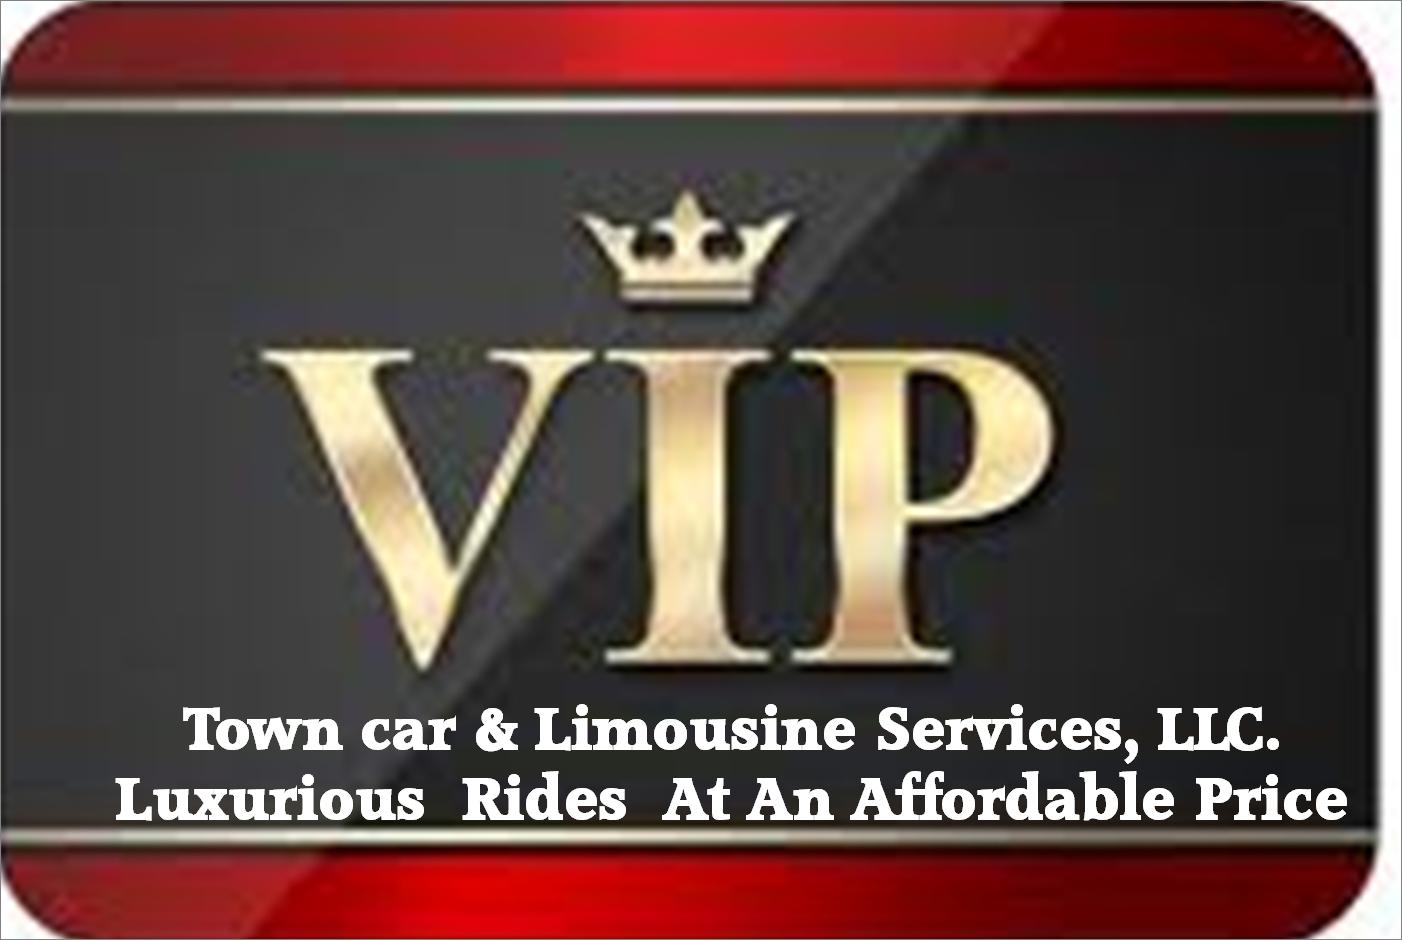 Airport Limousine Transportation